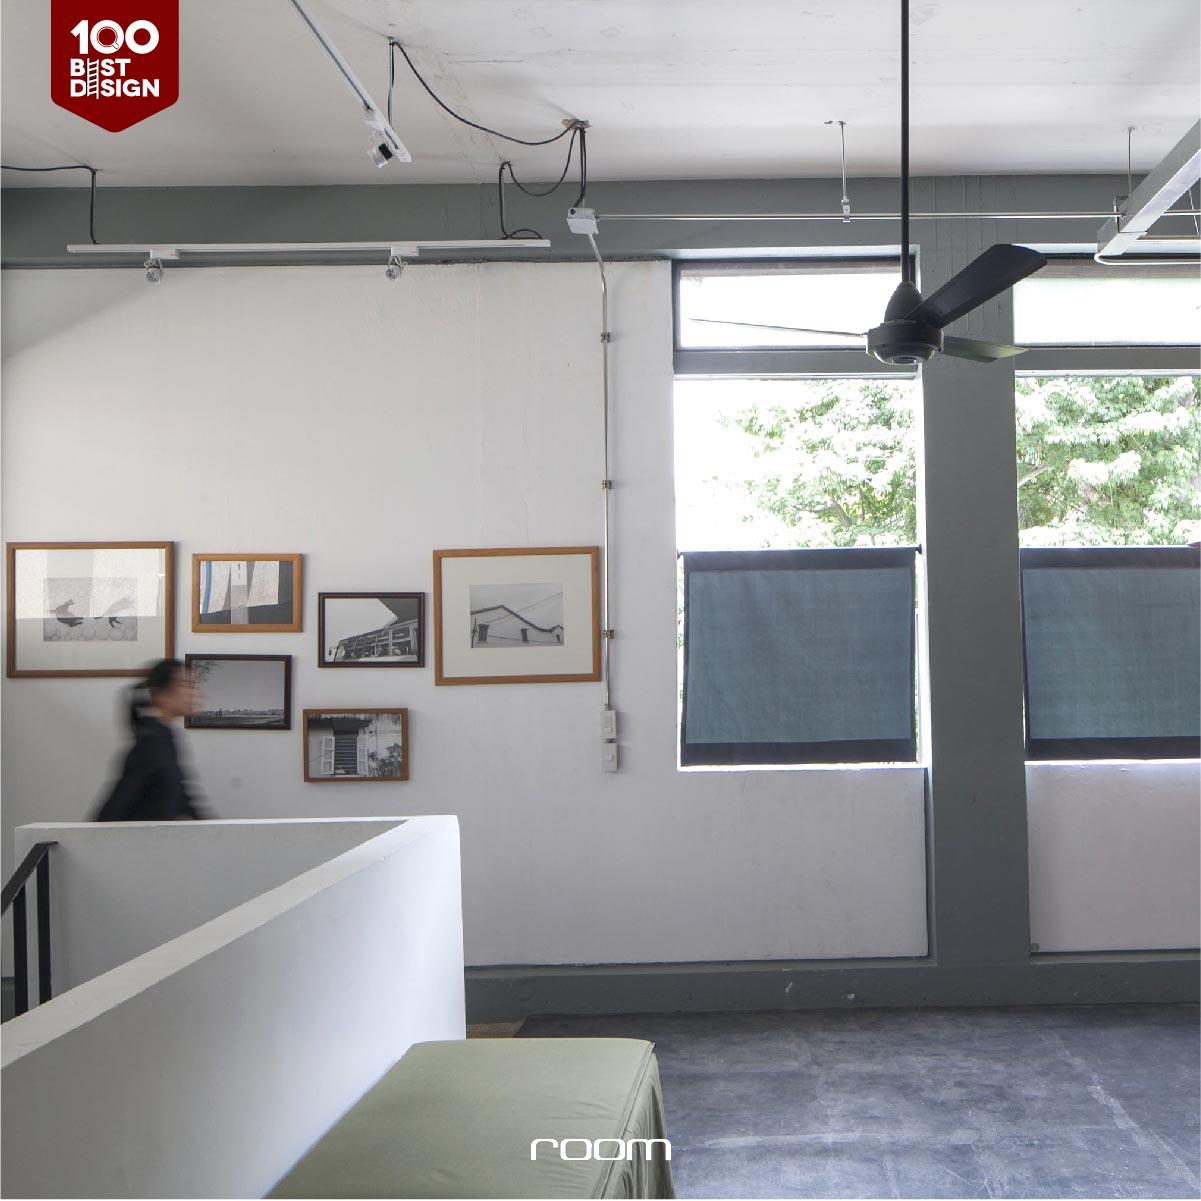 Hostel interior design Idea